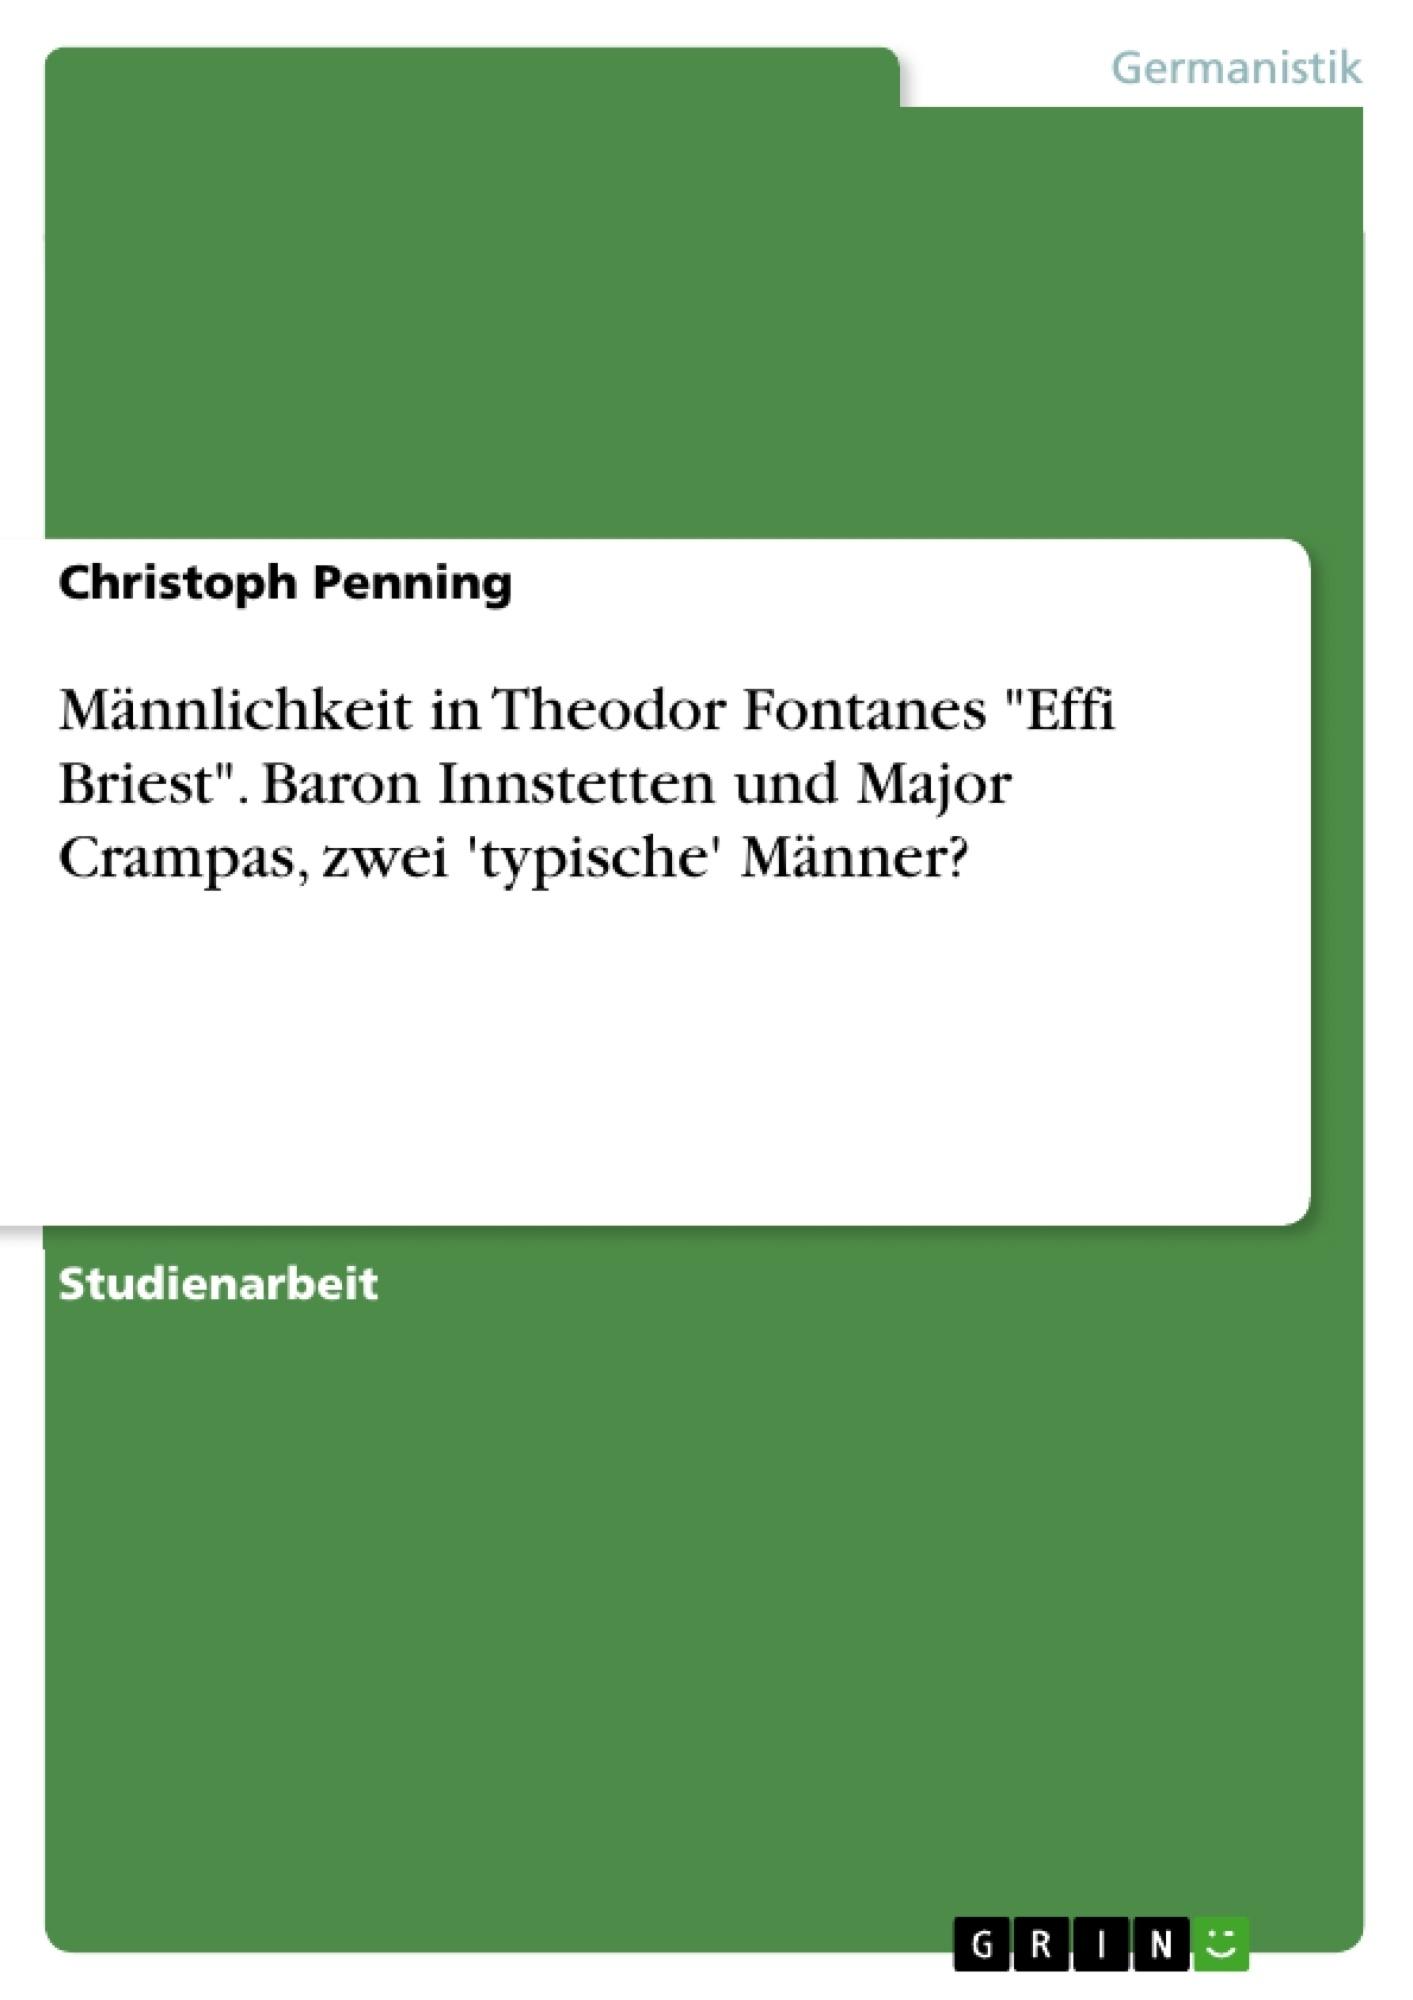 """Titel: Männlichkeit in Theodor Fontanes """"Effi Briest"""". Baron Innstetten und Major Crampas,  zwei 'typische' Männer?"""